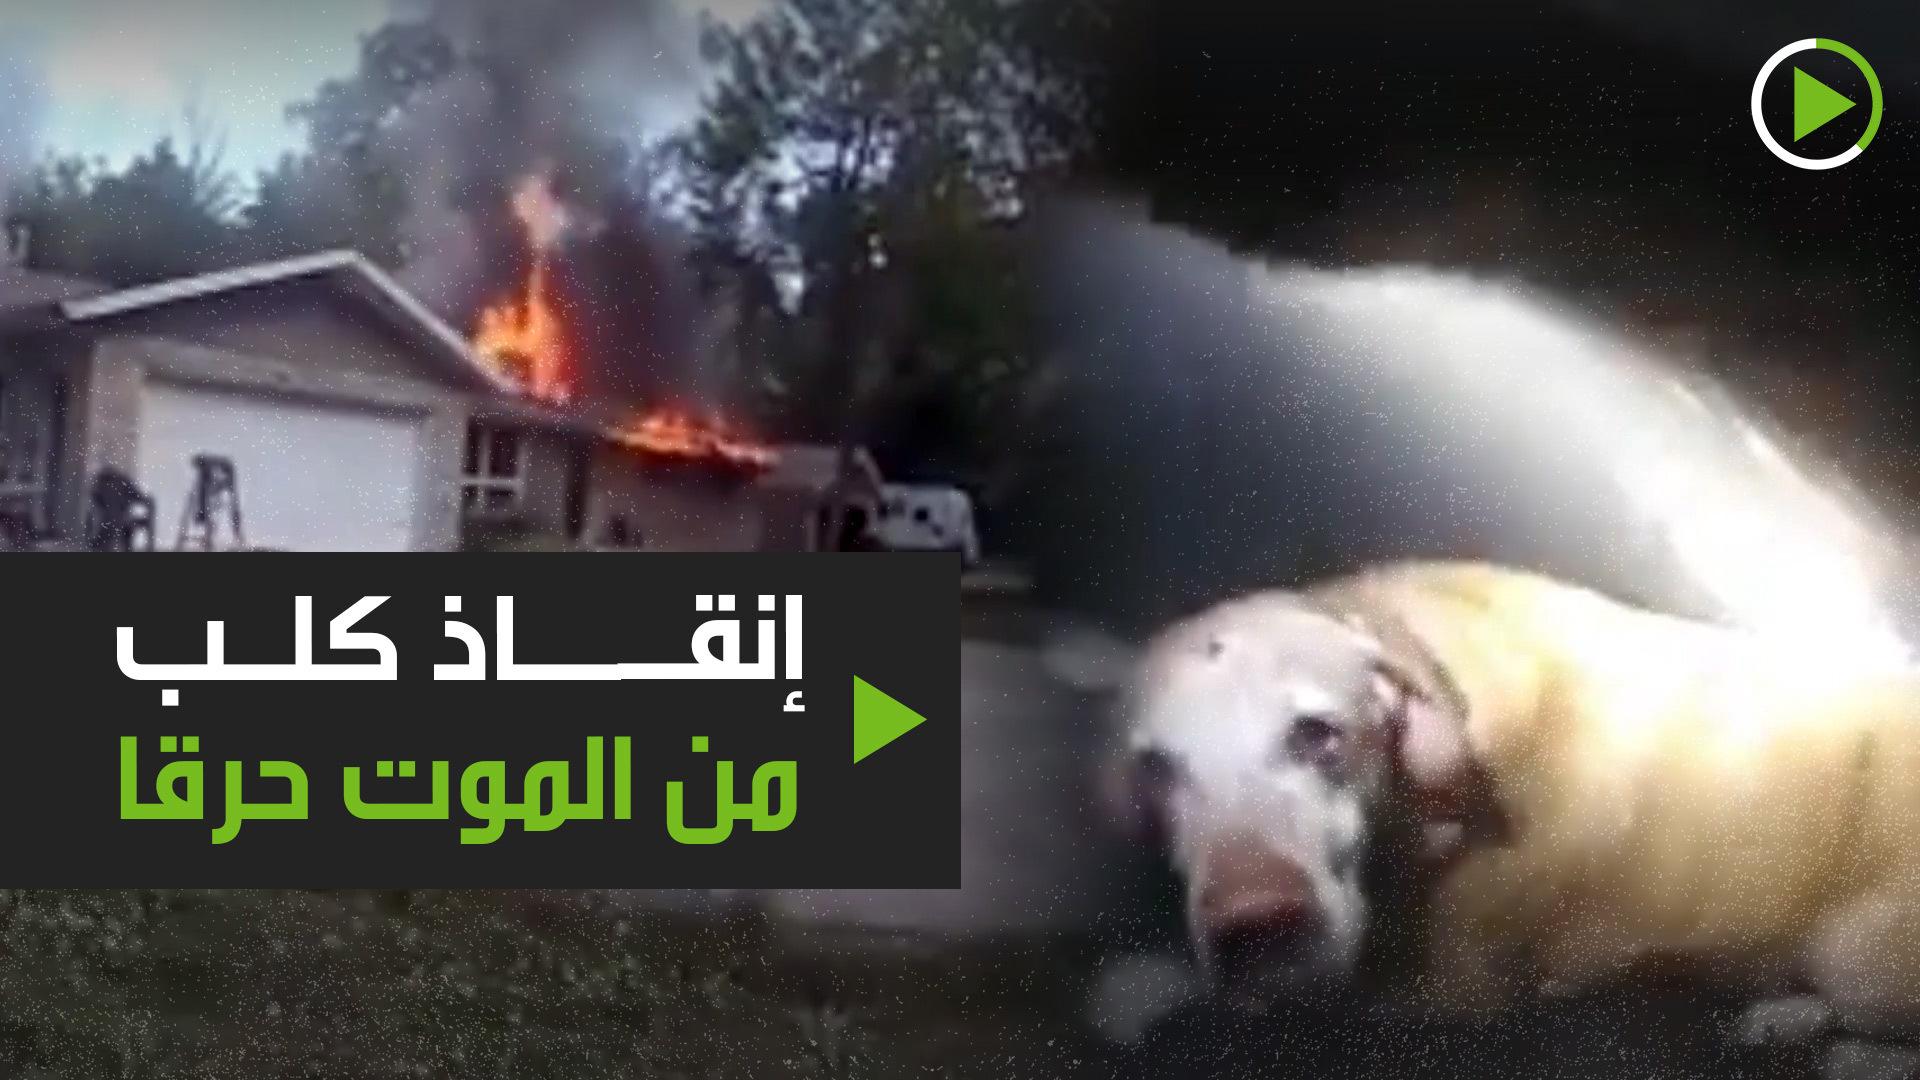 إنقاذ كلب من الموت حرقا